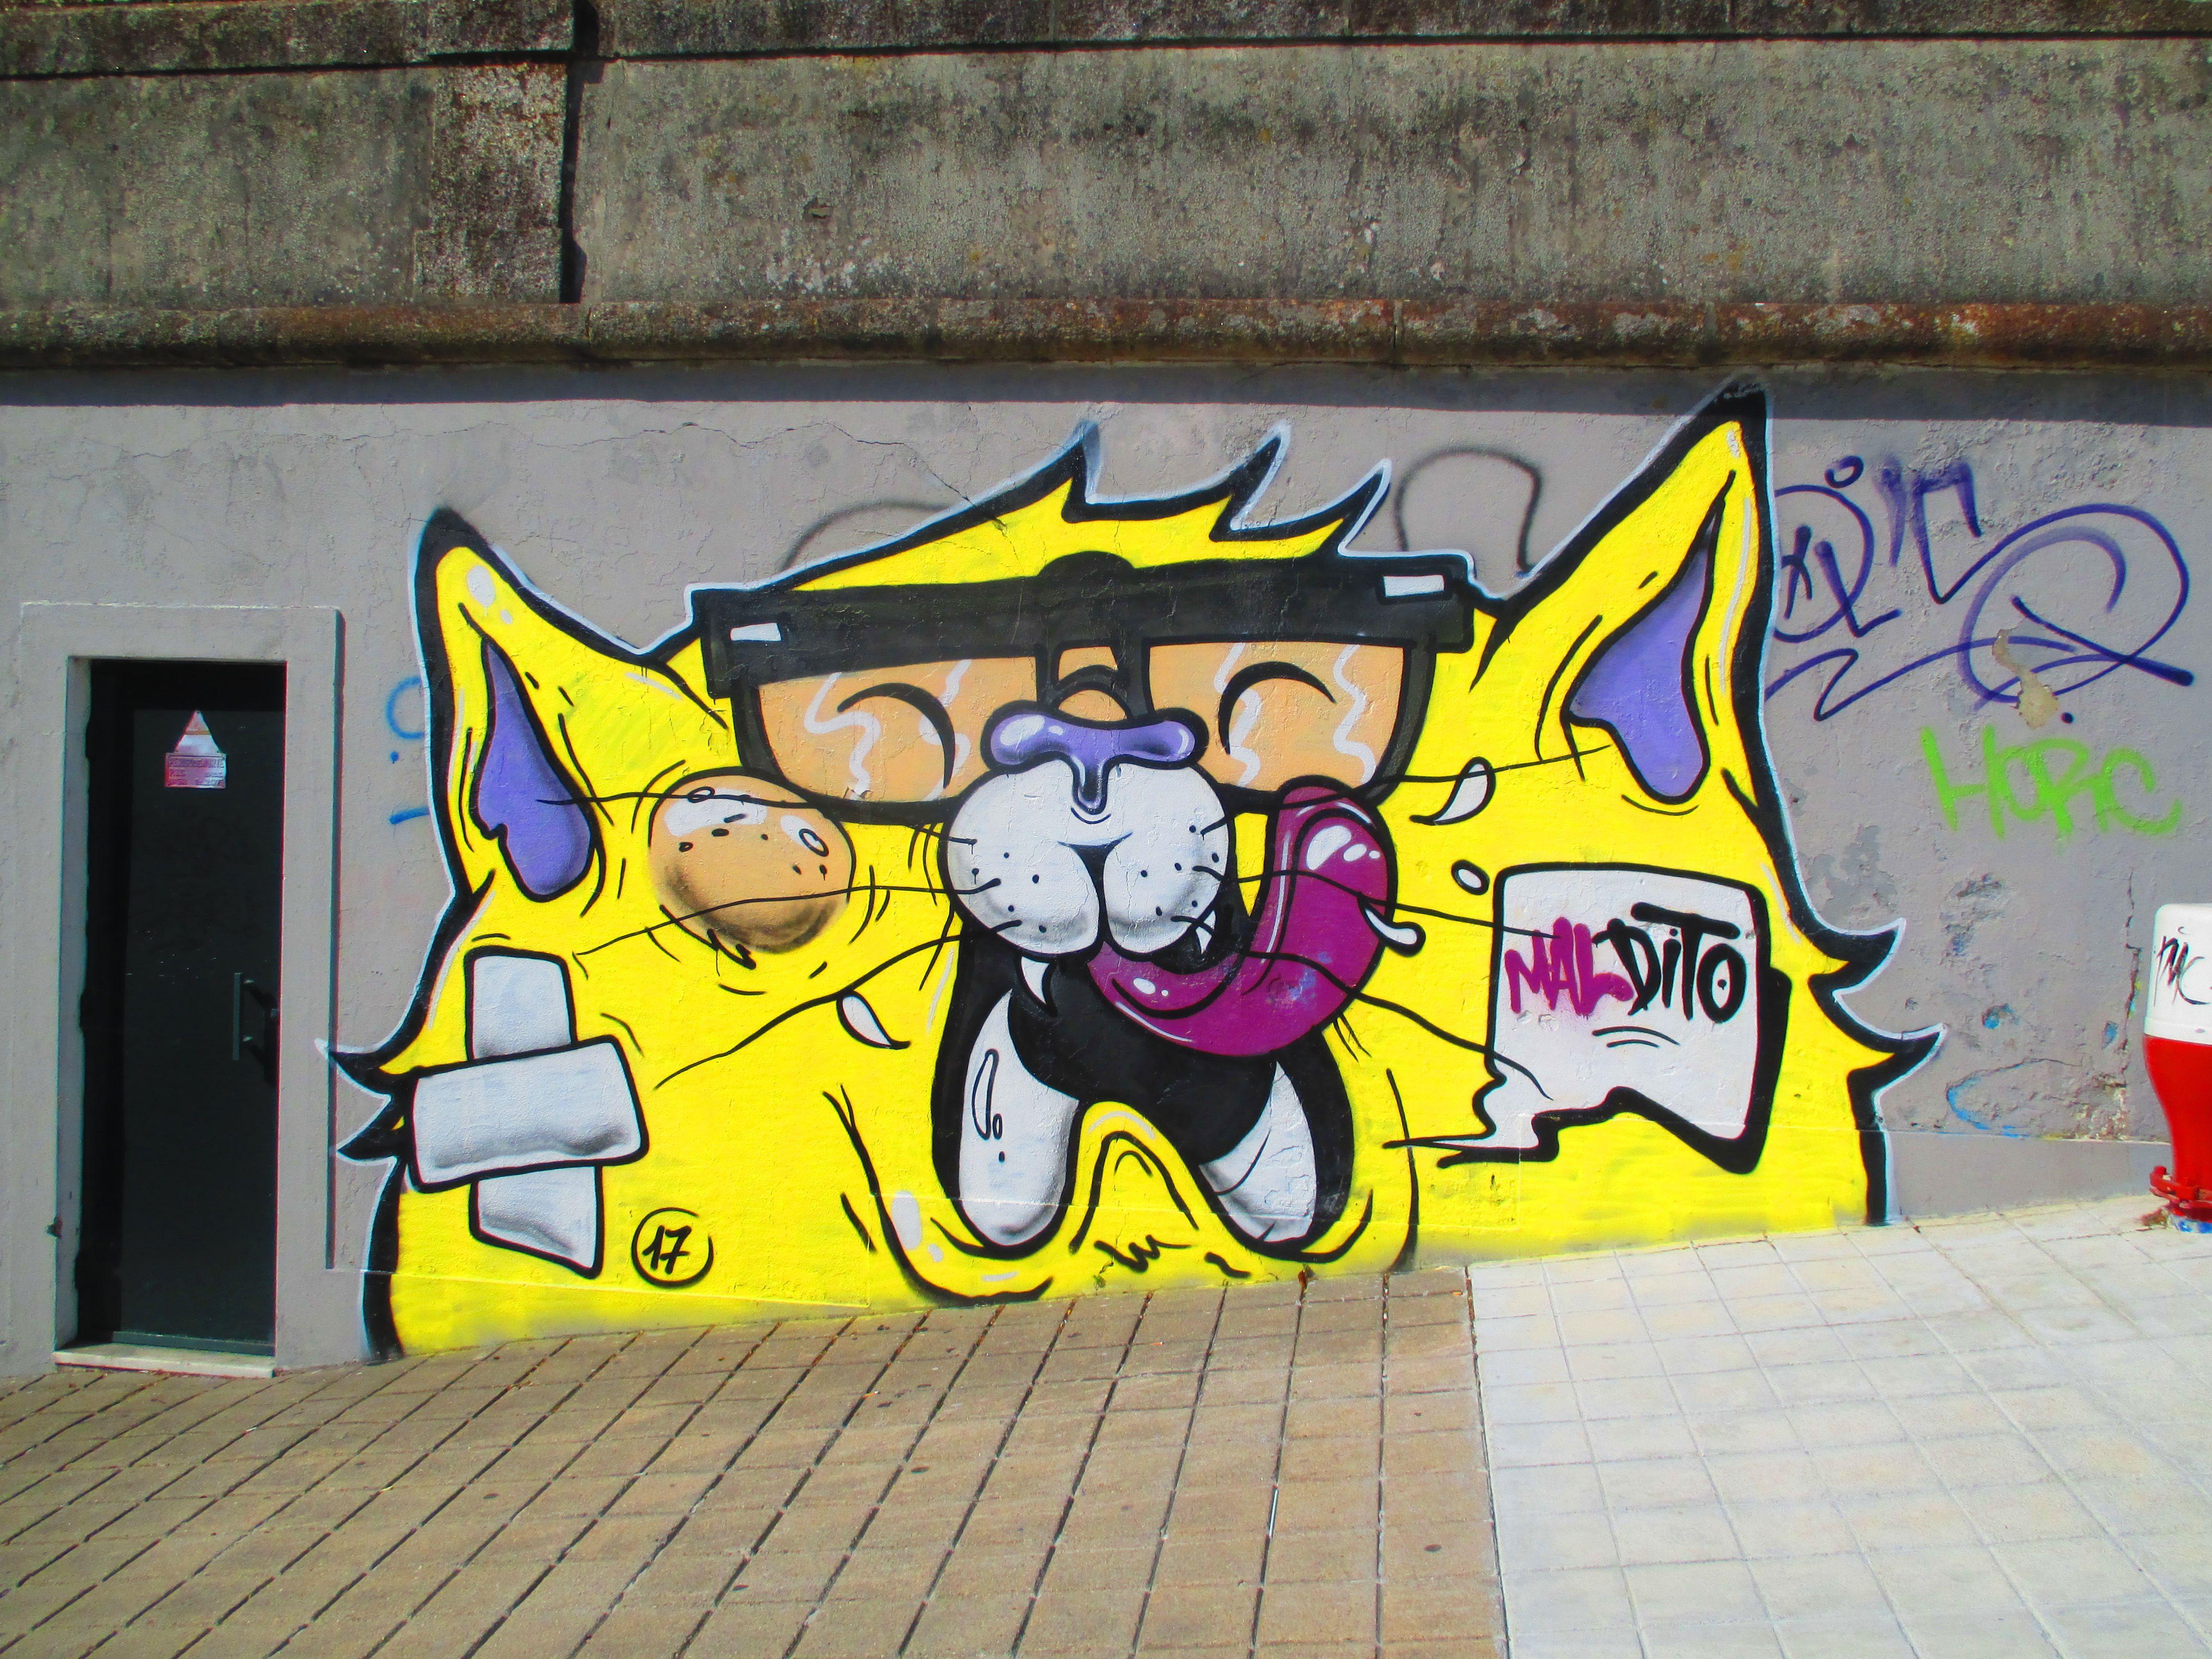 I Are Baboon #08052017 | Graffiti | Pinterest | Graffiti and Street art